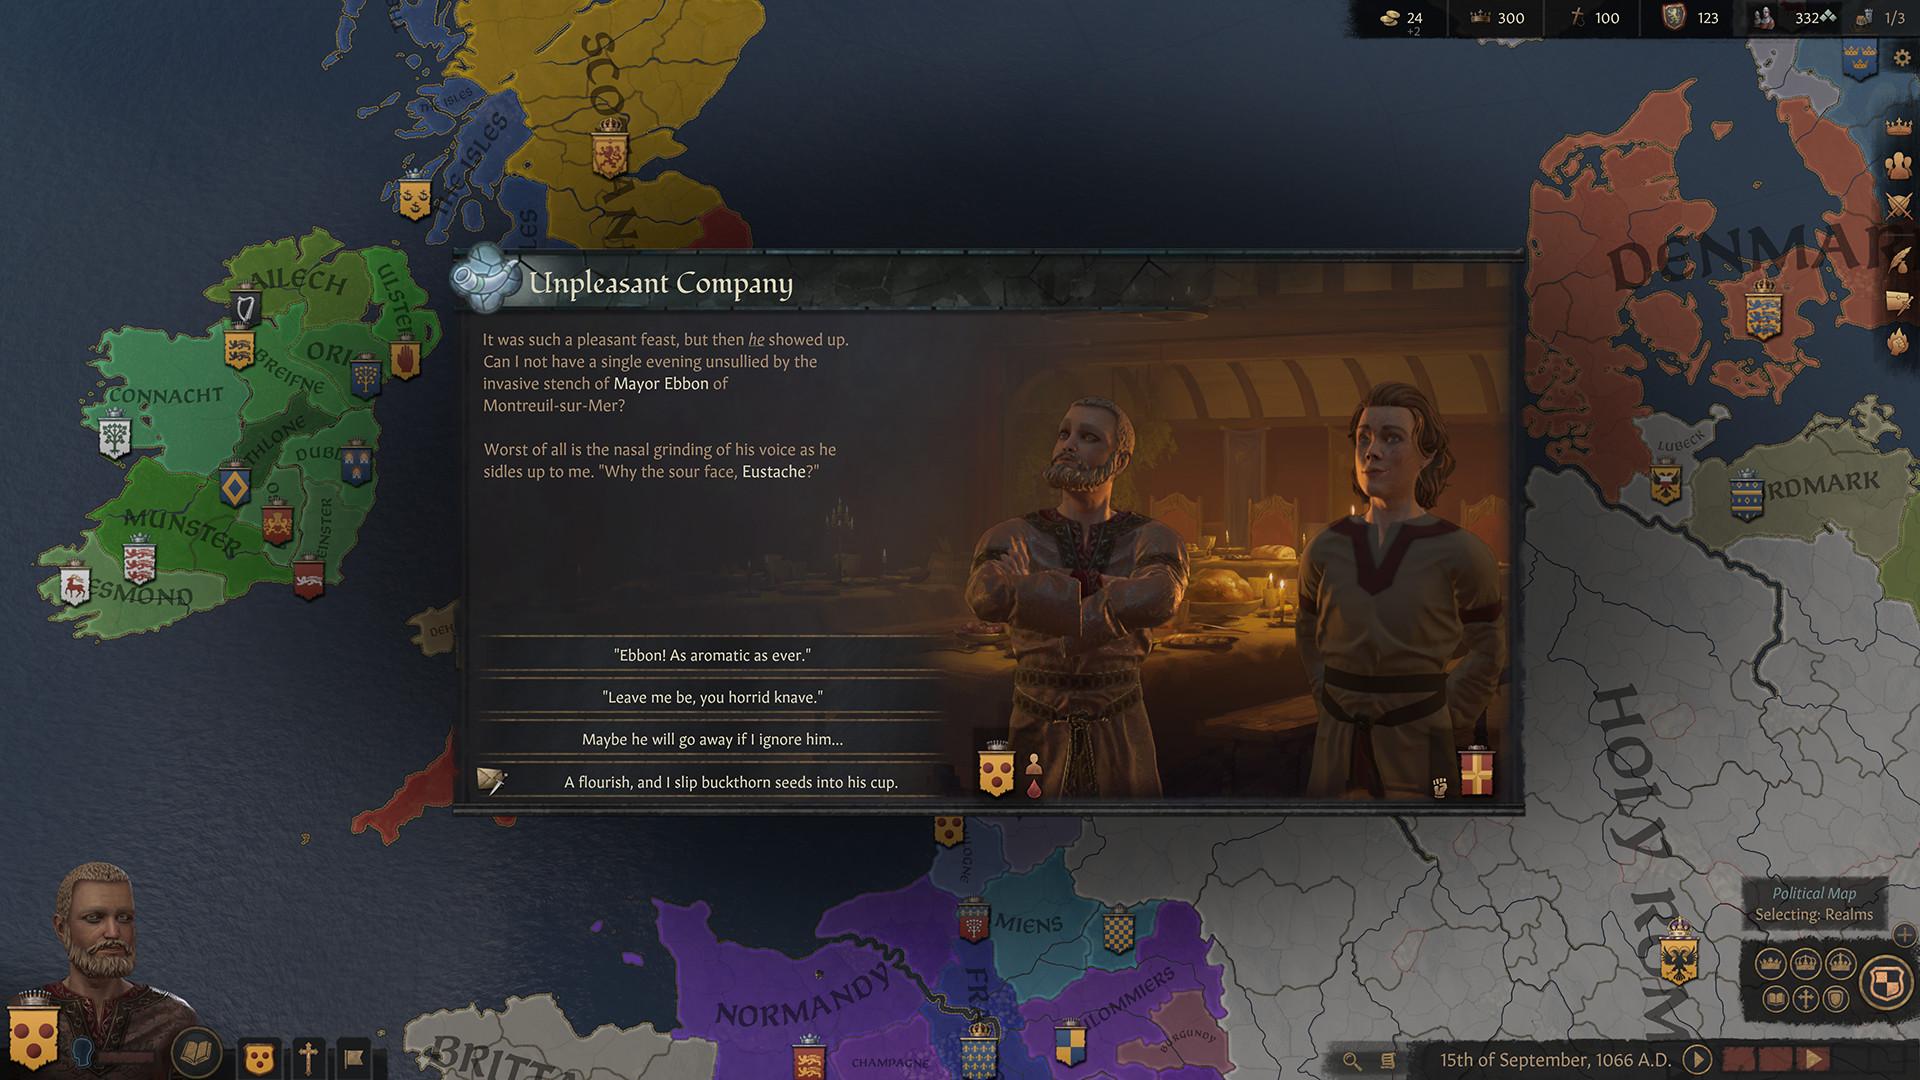 十字军之王3/王国风云3/Crusader Kings III(更新1.1版)插图3